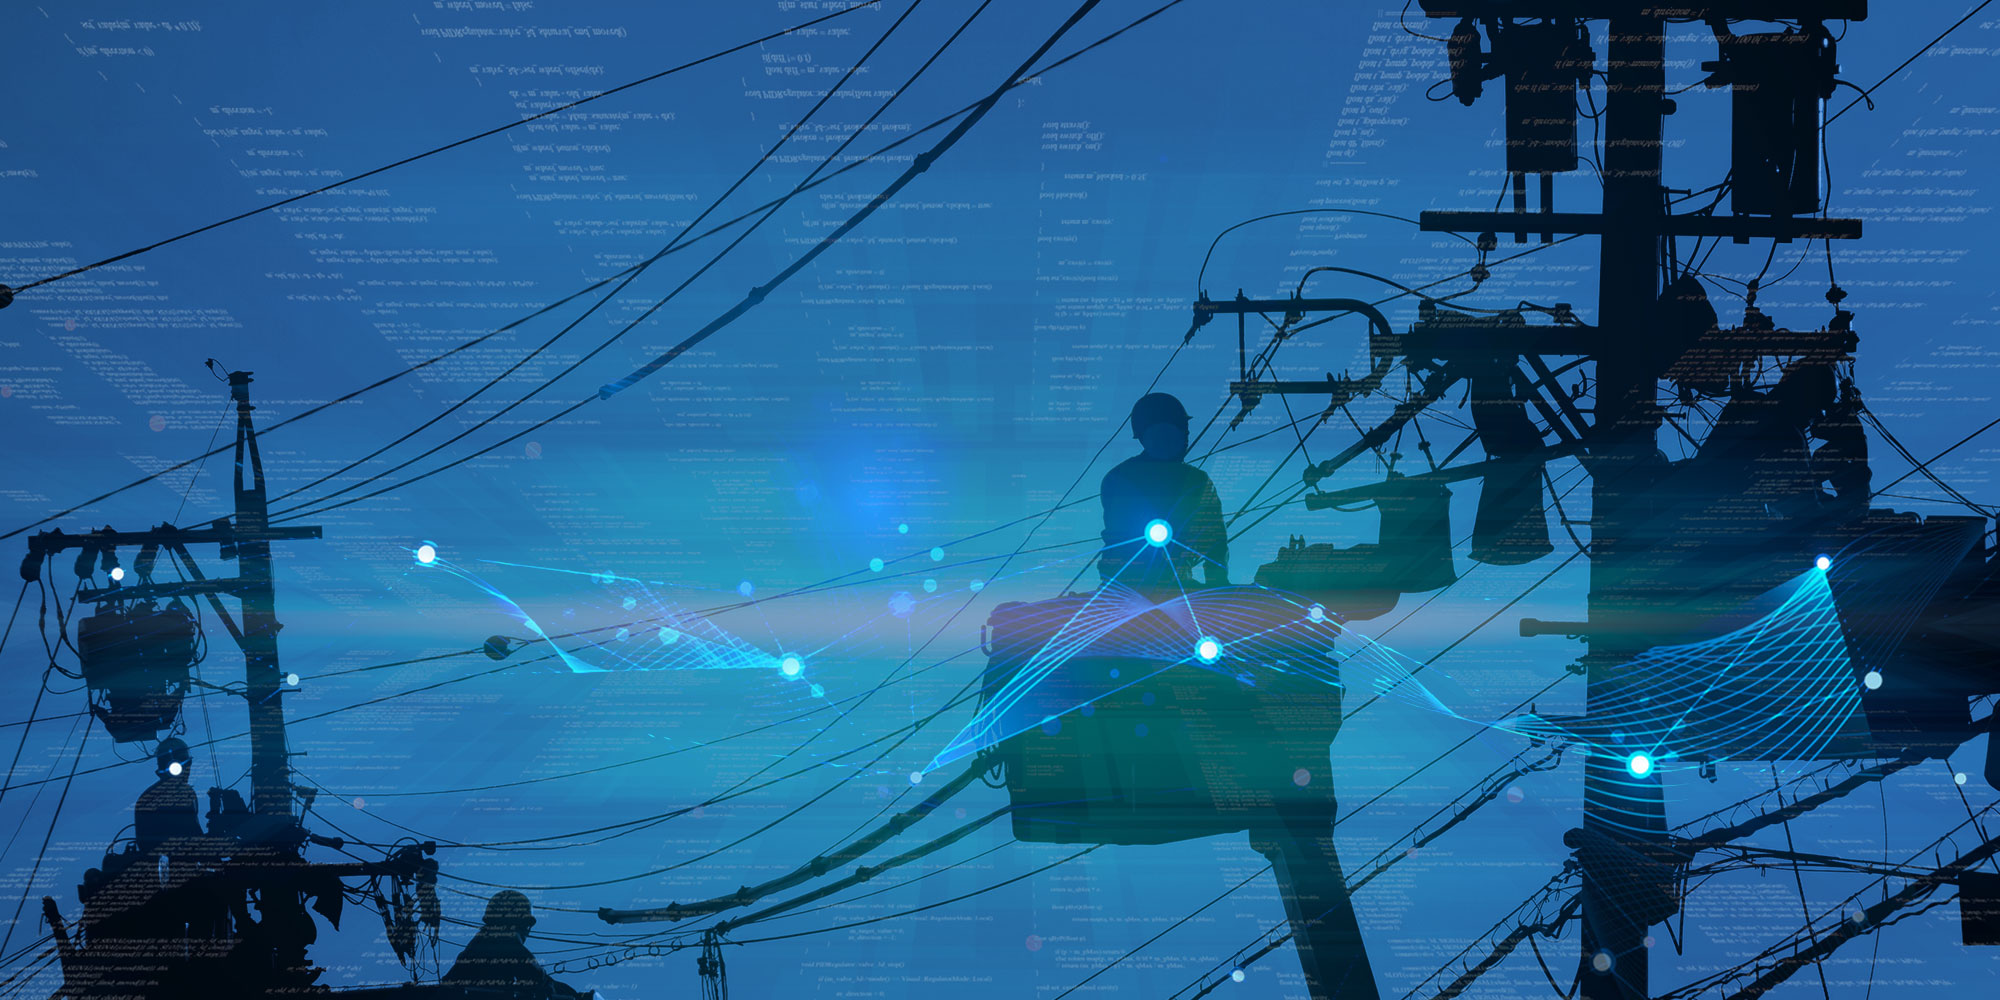 宅建電設有限会社